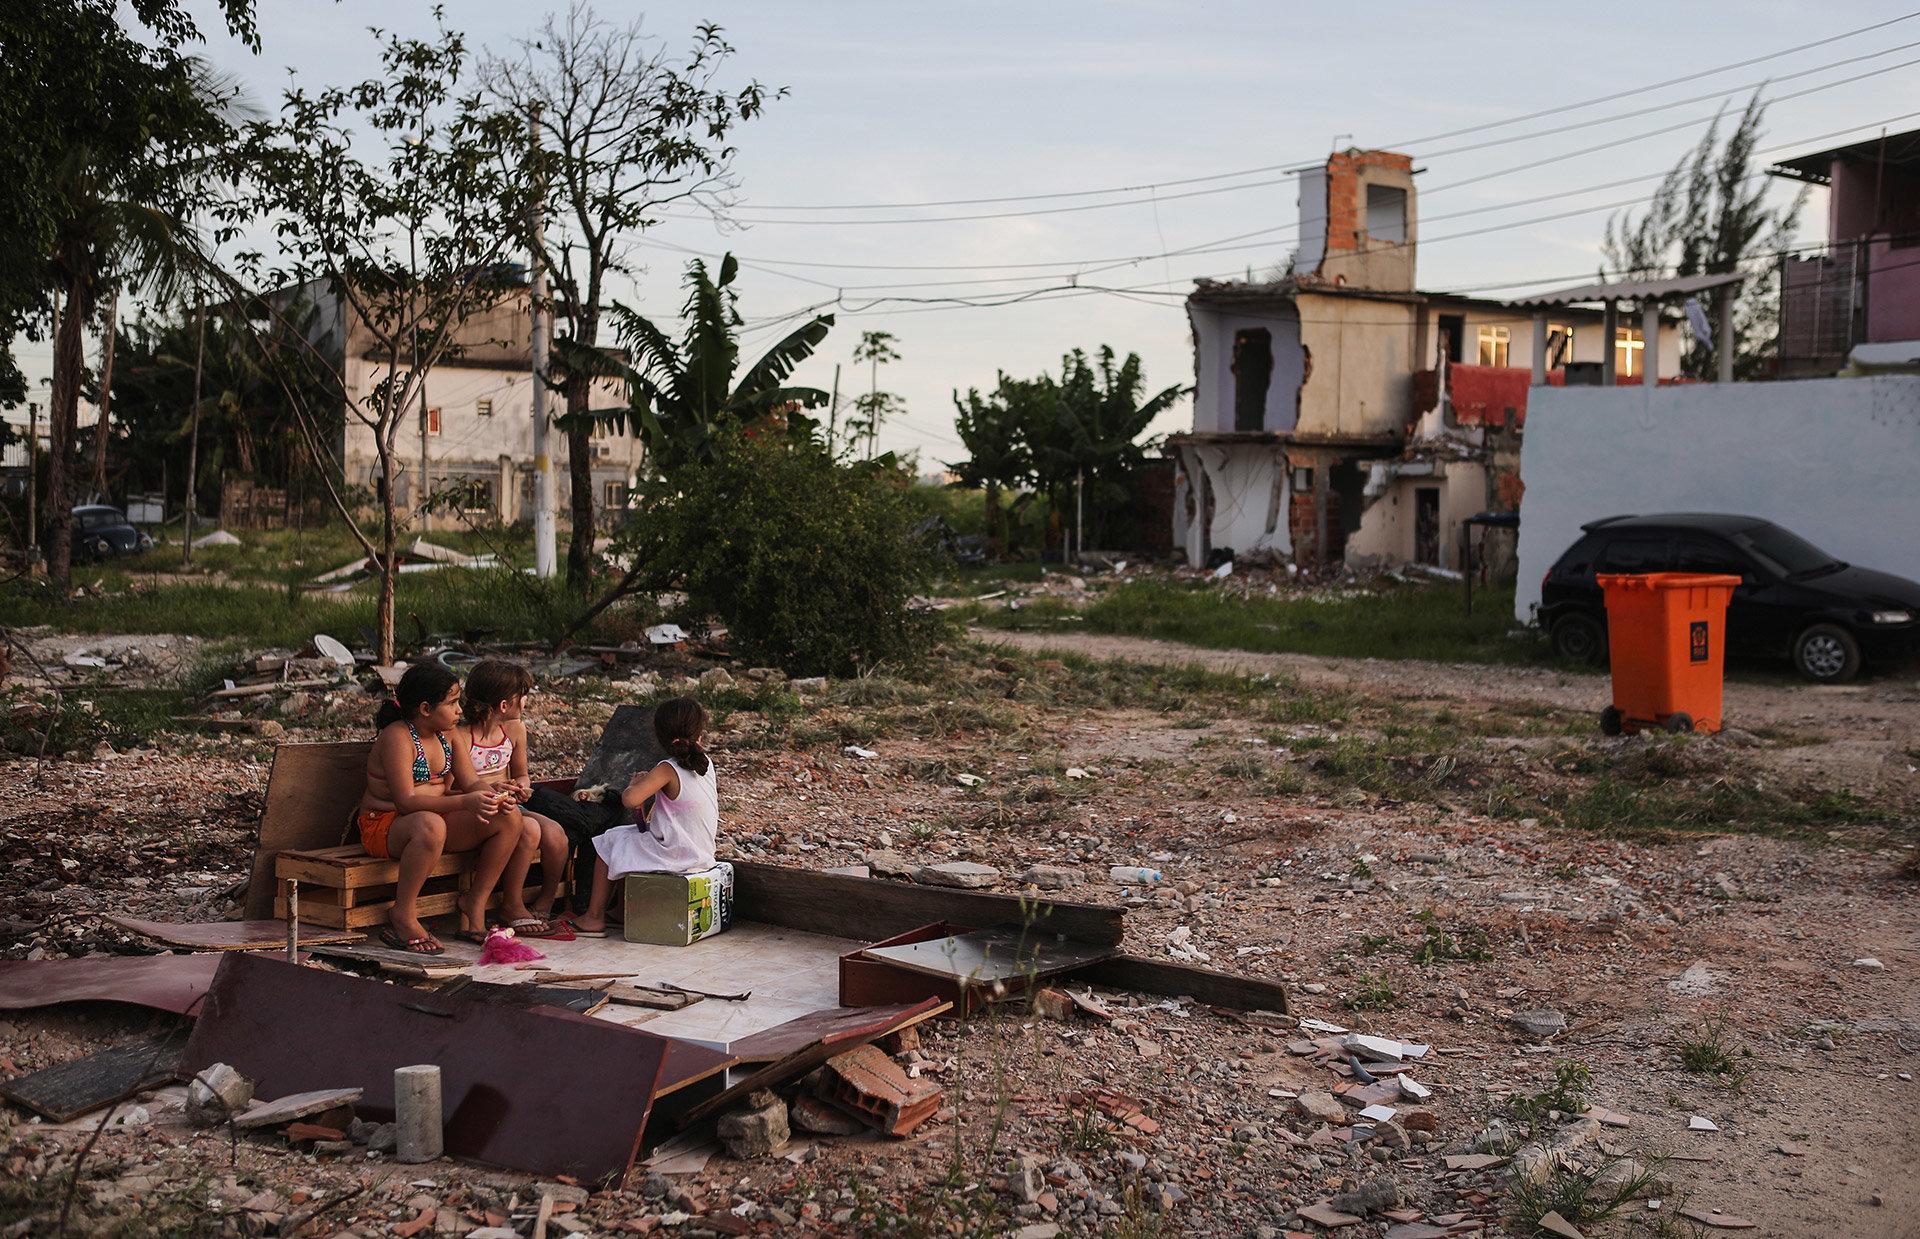 Kinder spielen in einer Favela in Rio de Janeiro zwischen abgerissenen Häusern –die Favela muss für die Olympischen Spiele weichen  (Foto: Mario Tama/ getty)